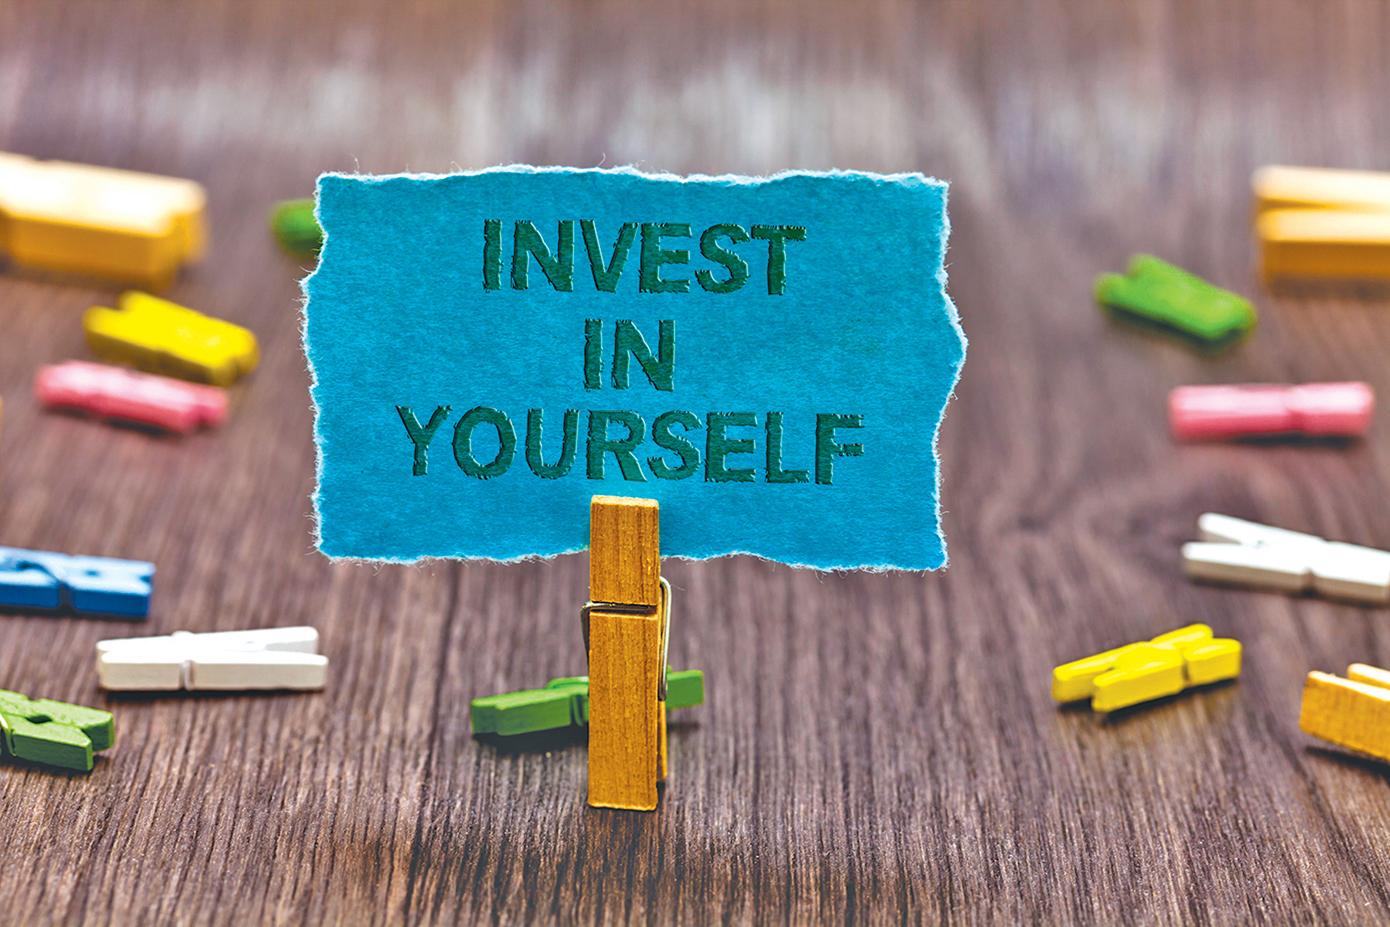 選擇「投資自己」是正確的,而且還是絕對物超所值的投資!